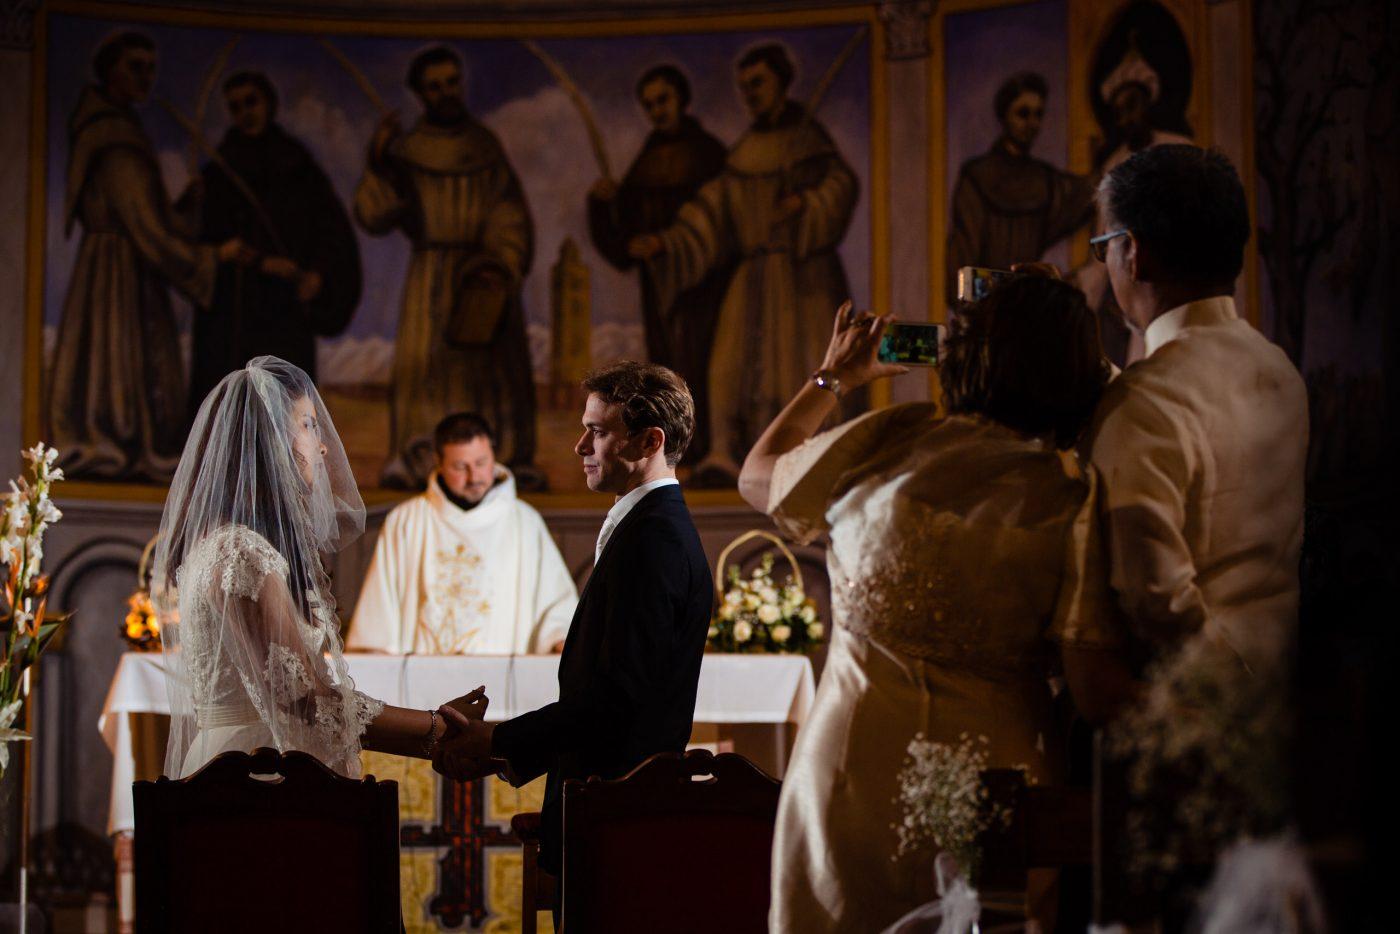 Church wedding photos in Marrakech